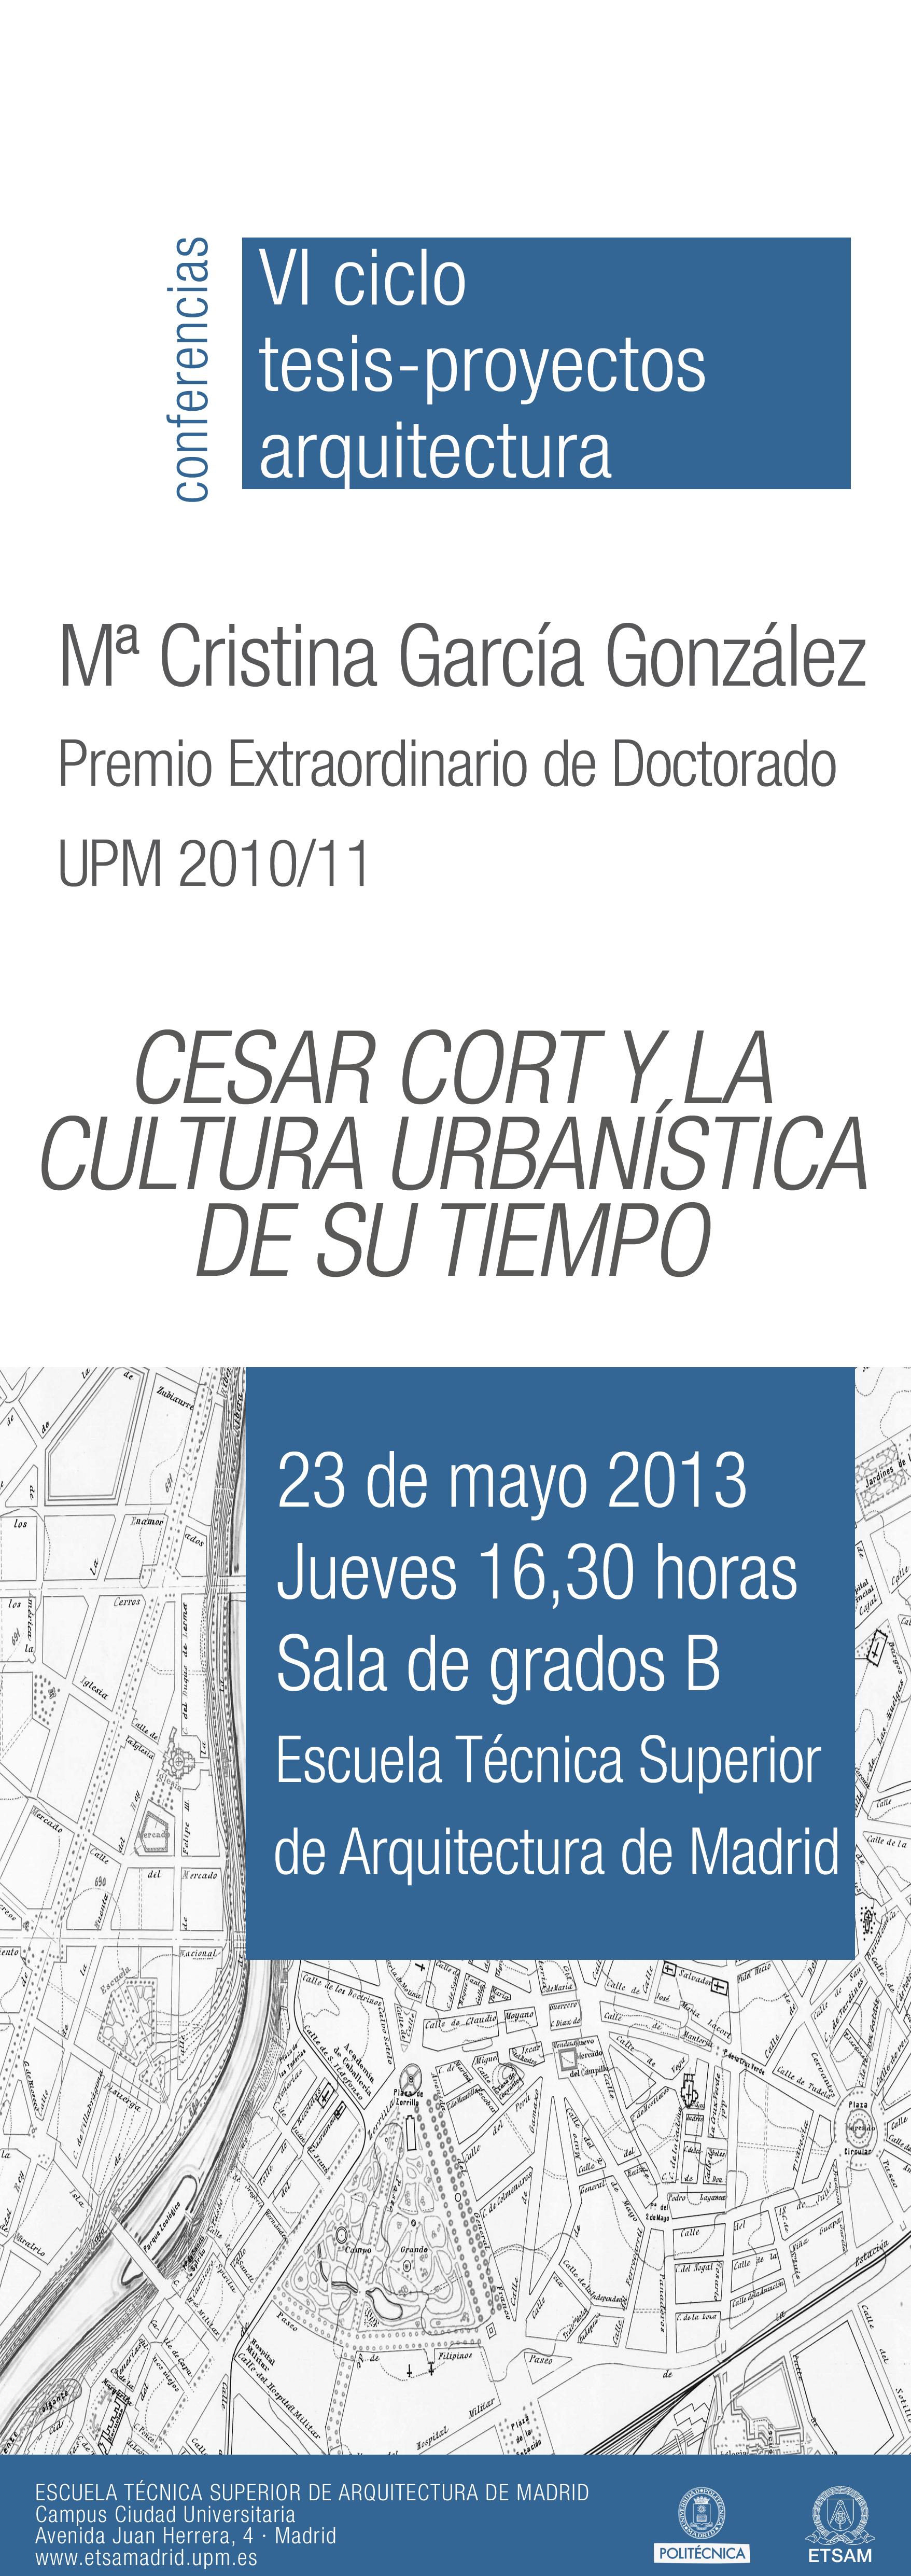 cartel   conf 23 mayo 13